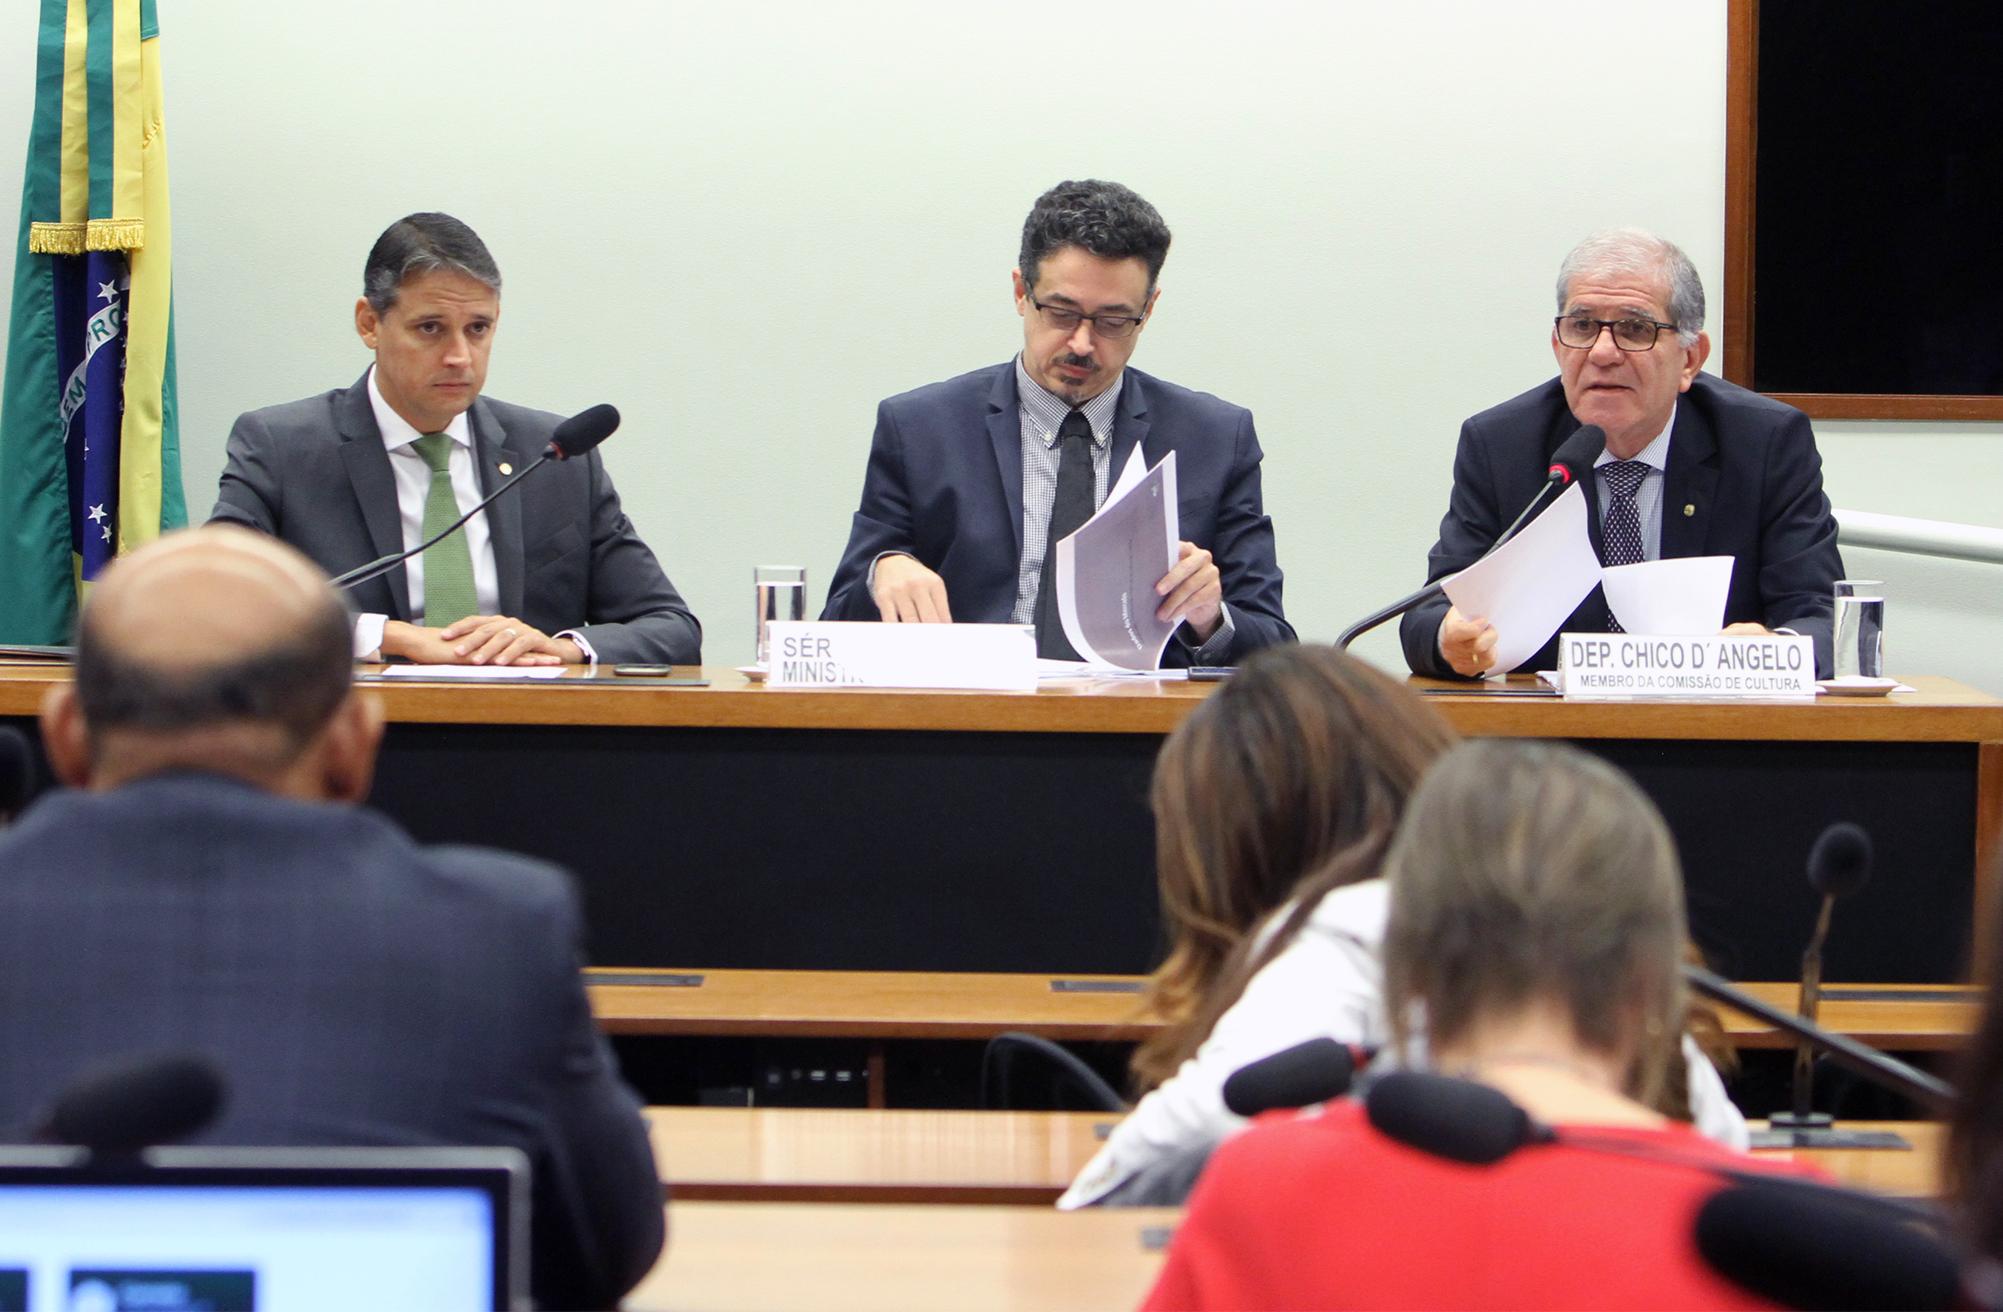 Audiência pública sobre as consequências para o setor da produção audiovisual do veto presidencial à prorrogação do RECINE e da Lei do Audiovisual